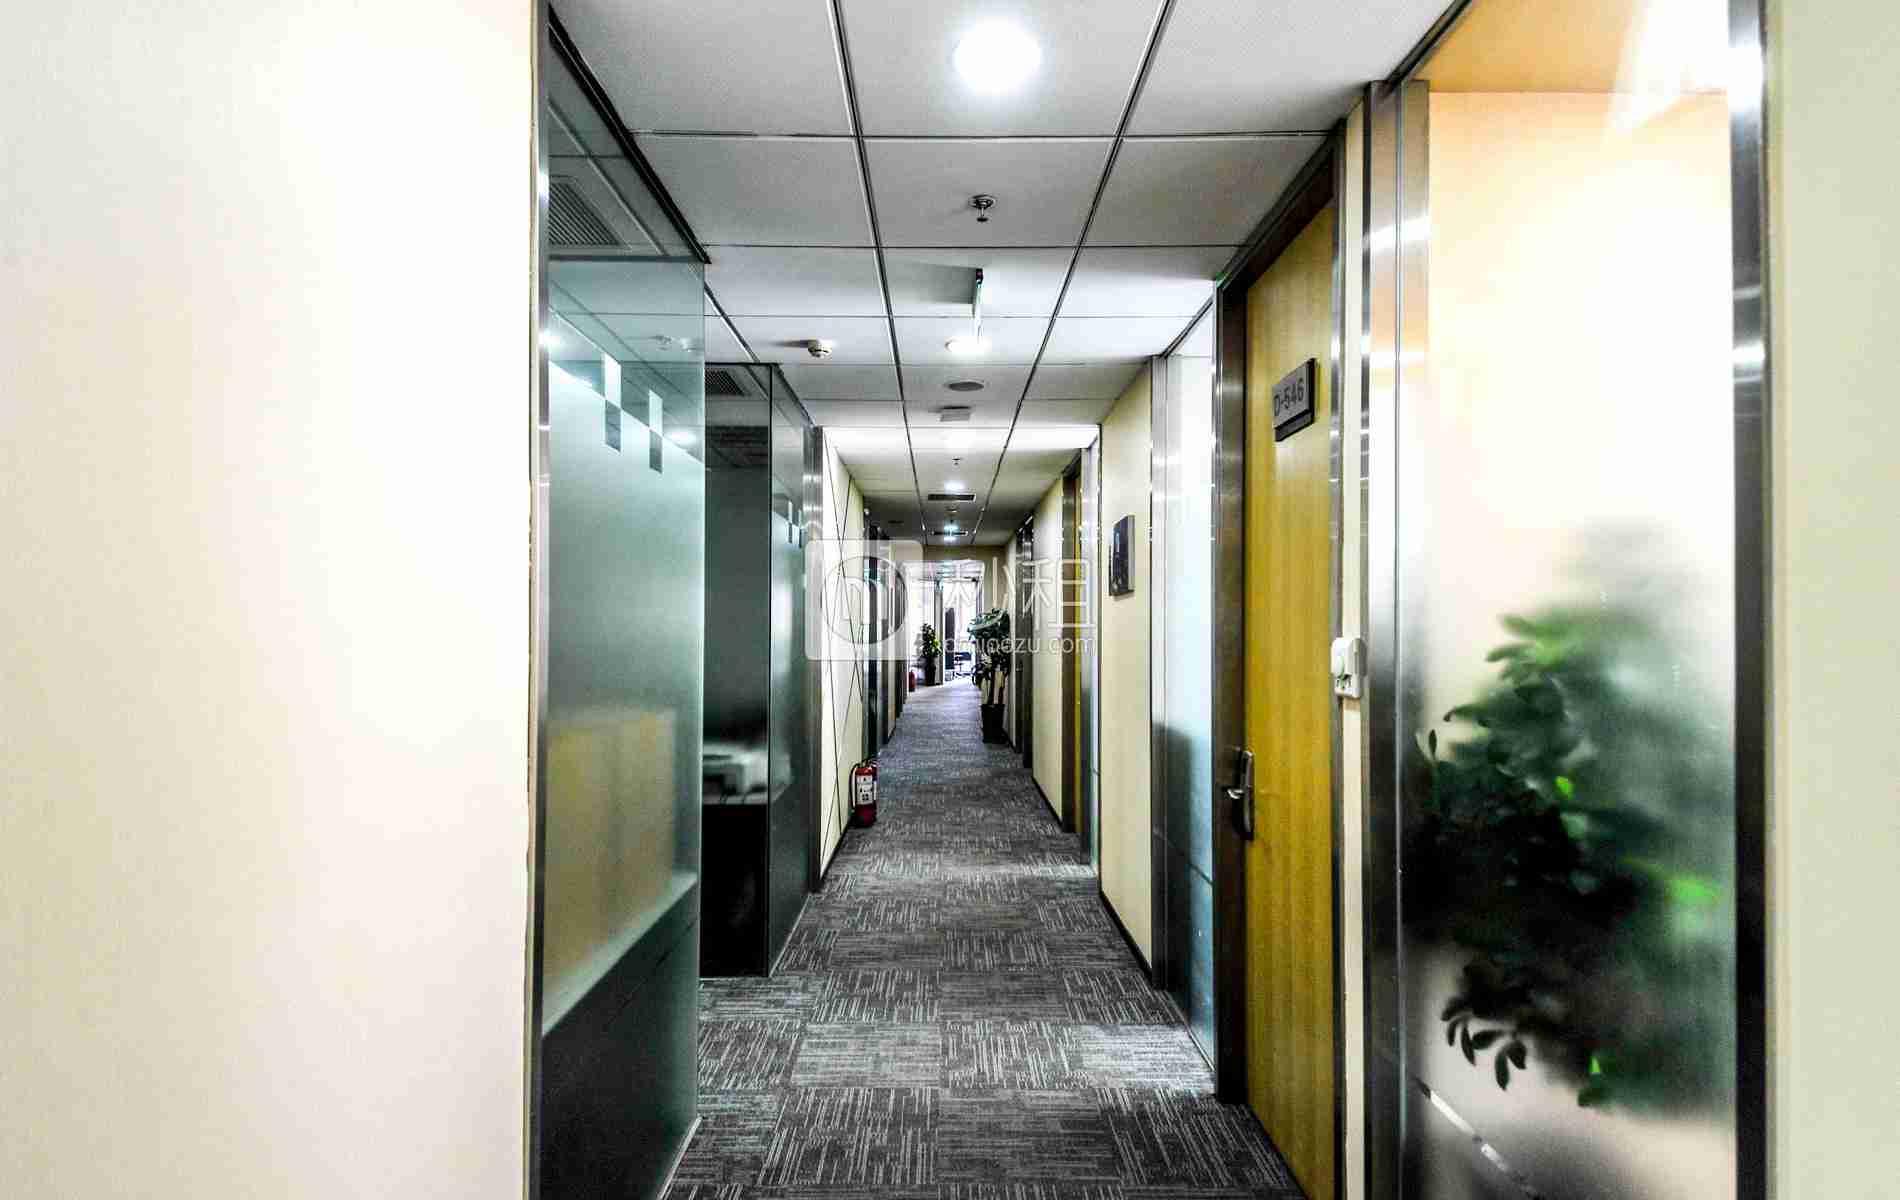 世鳌国际商务中心-CBD国际大厦写字楼出租/招租/租赁,世鳌国际商务中心-CBD国际大厦办公室出租/招租/租赁